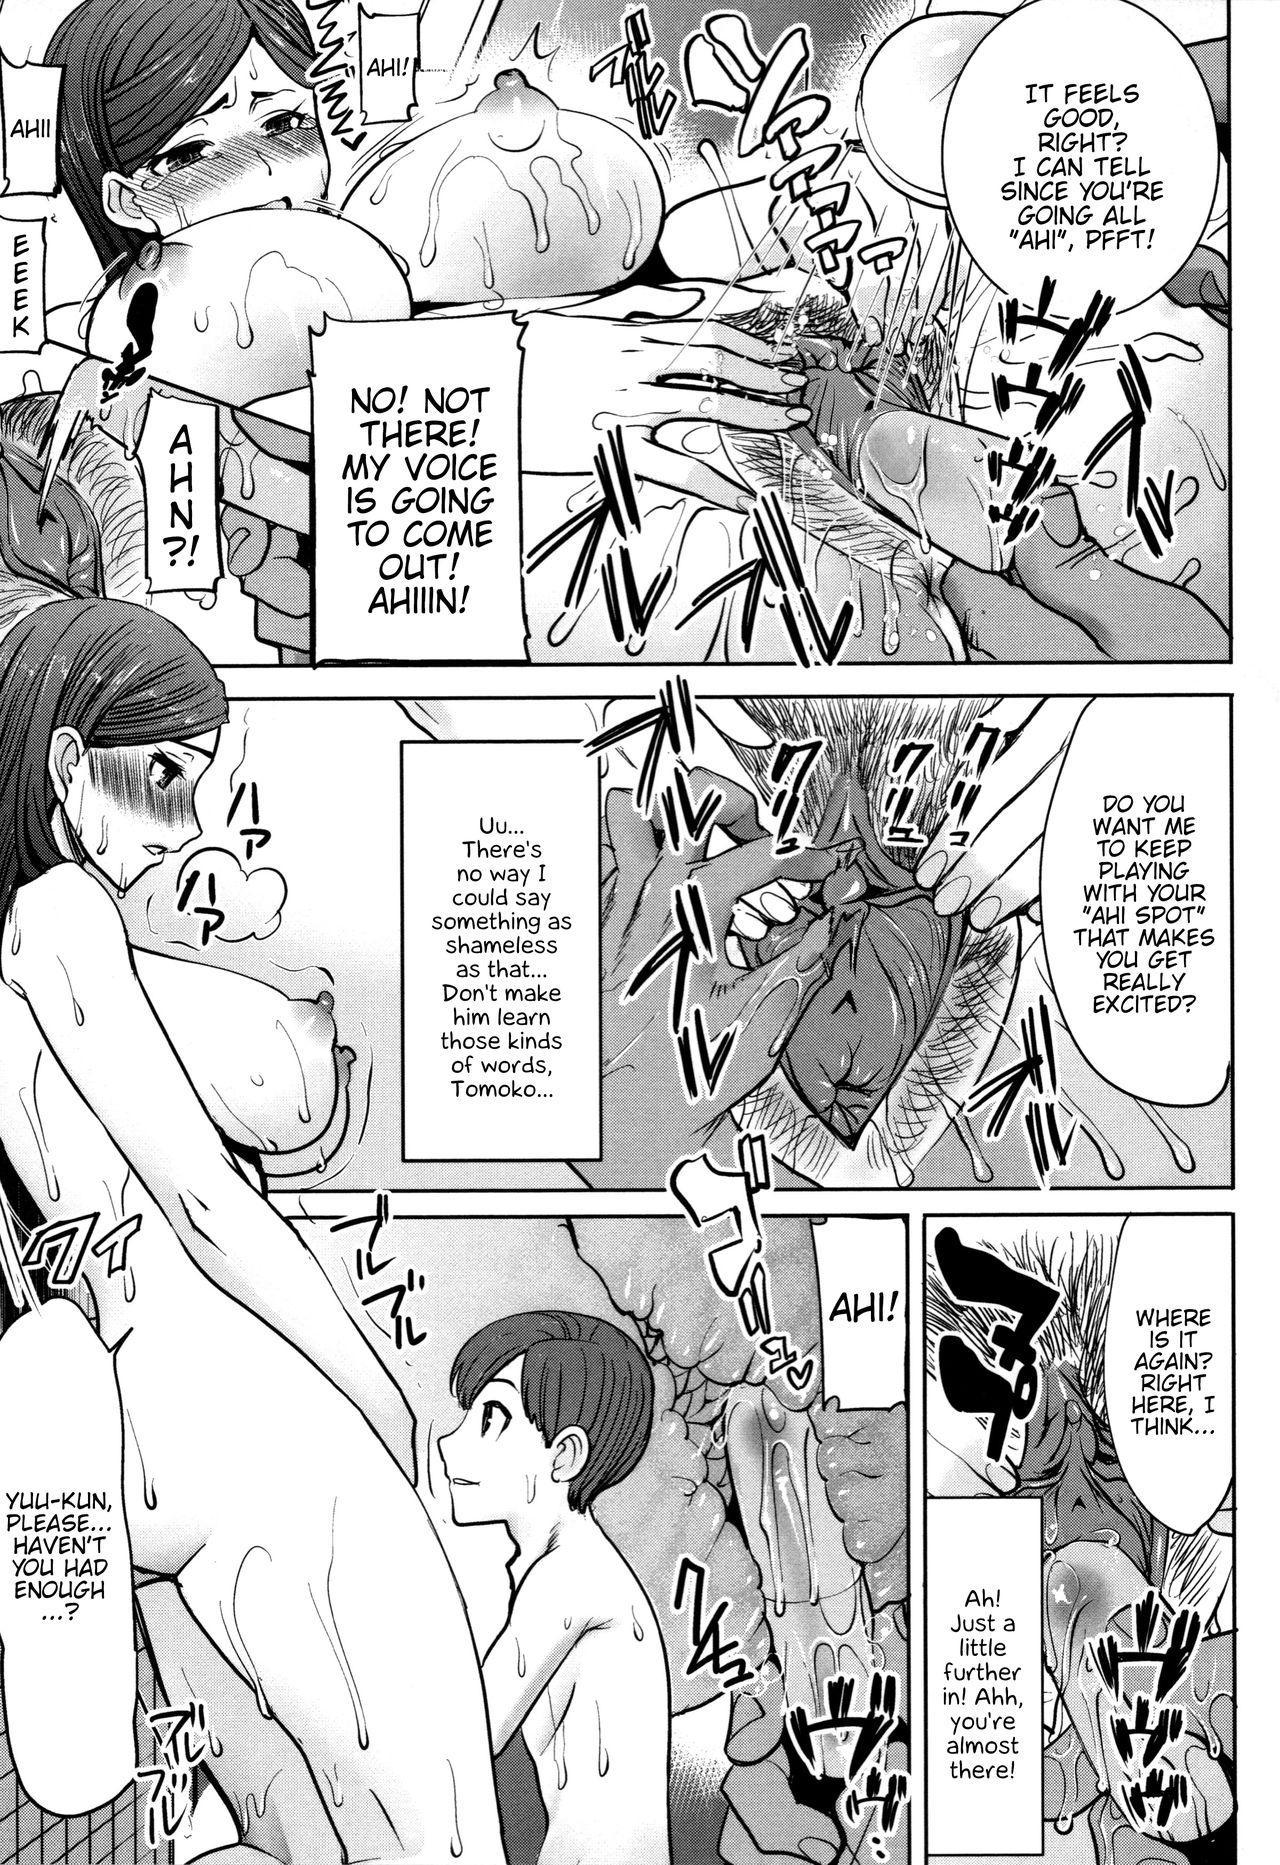 Unsweet - Asahina Ikka Netorareta Haha · Tomoko 62